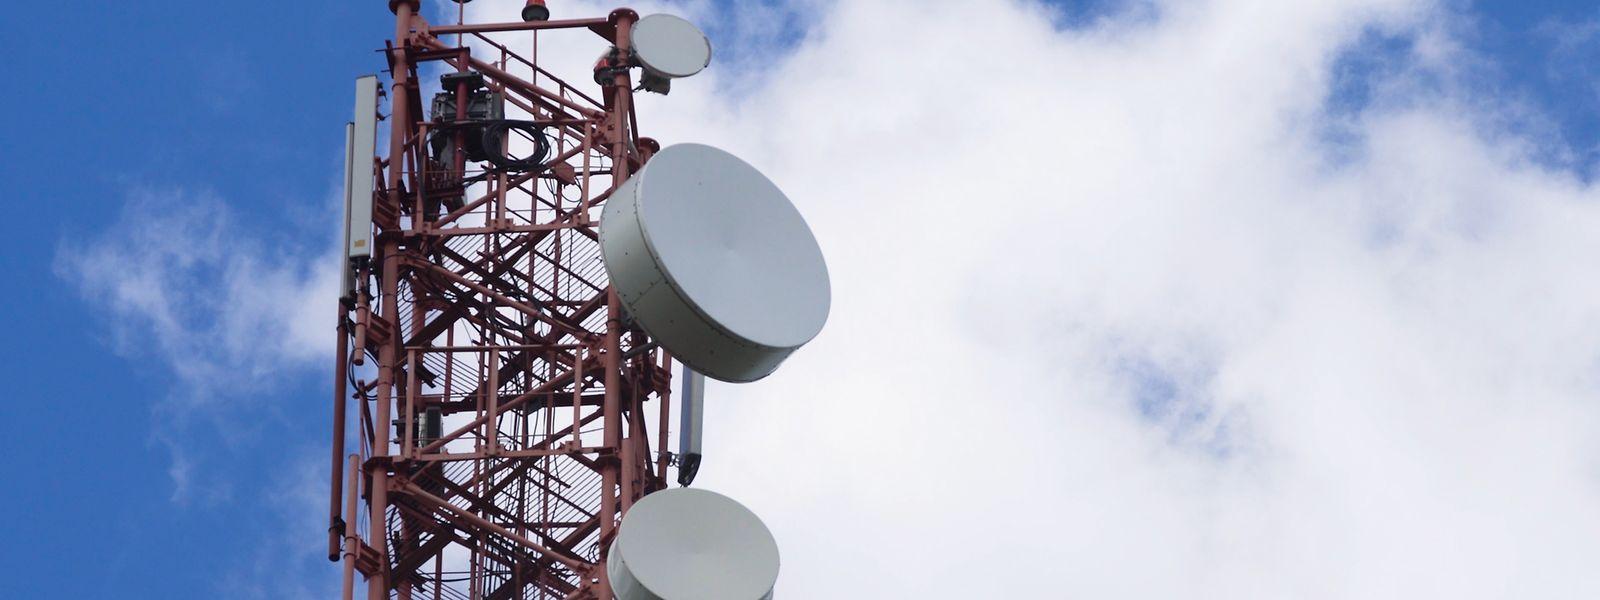 Une dizaine d'opérateurs ont fait savoir leur intérêt pour les ondes luxembourgeoises.